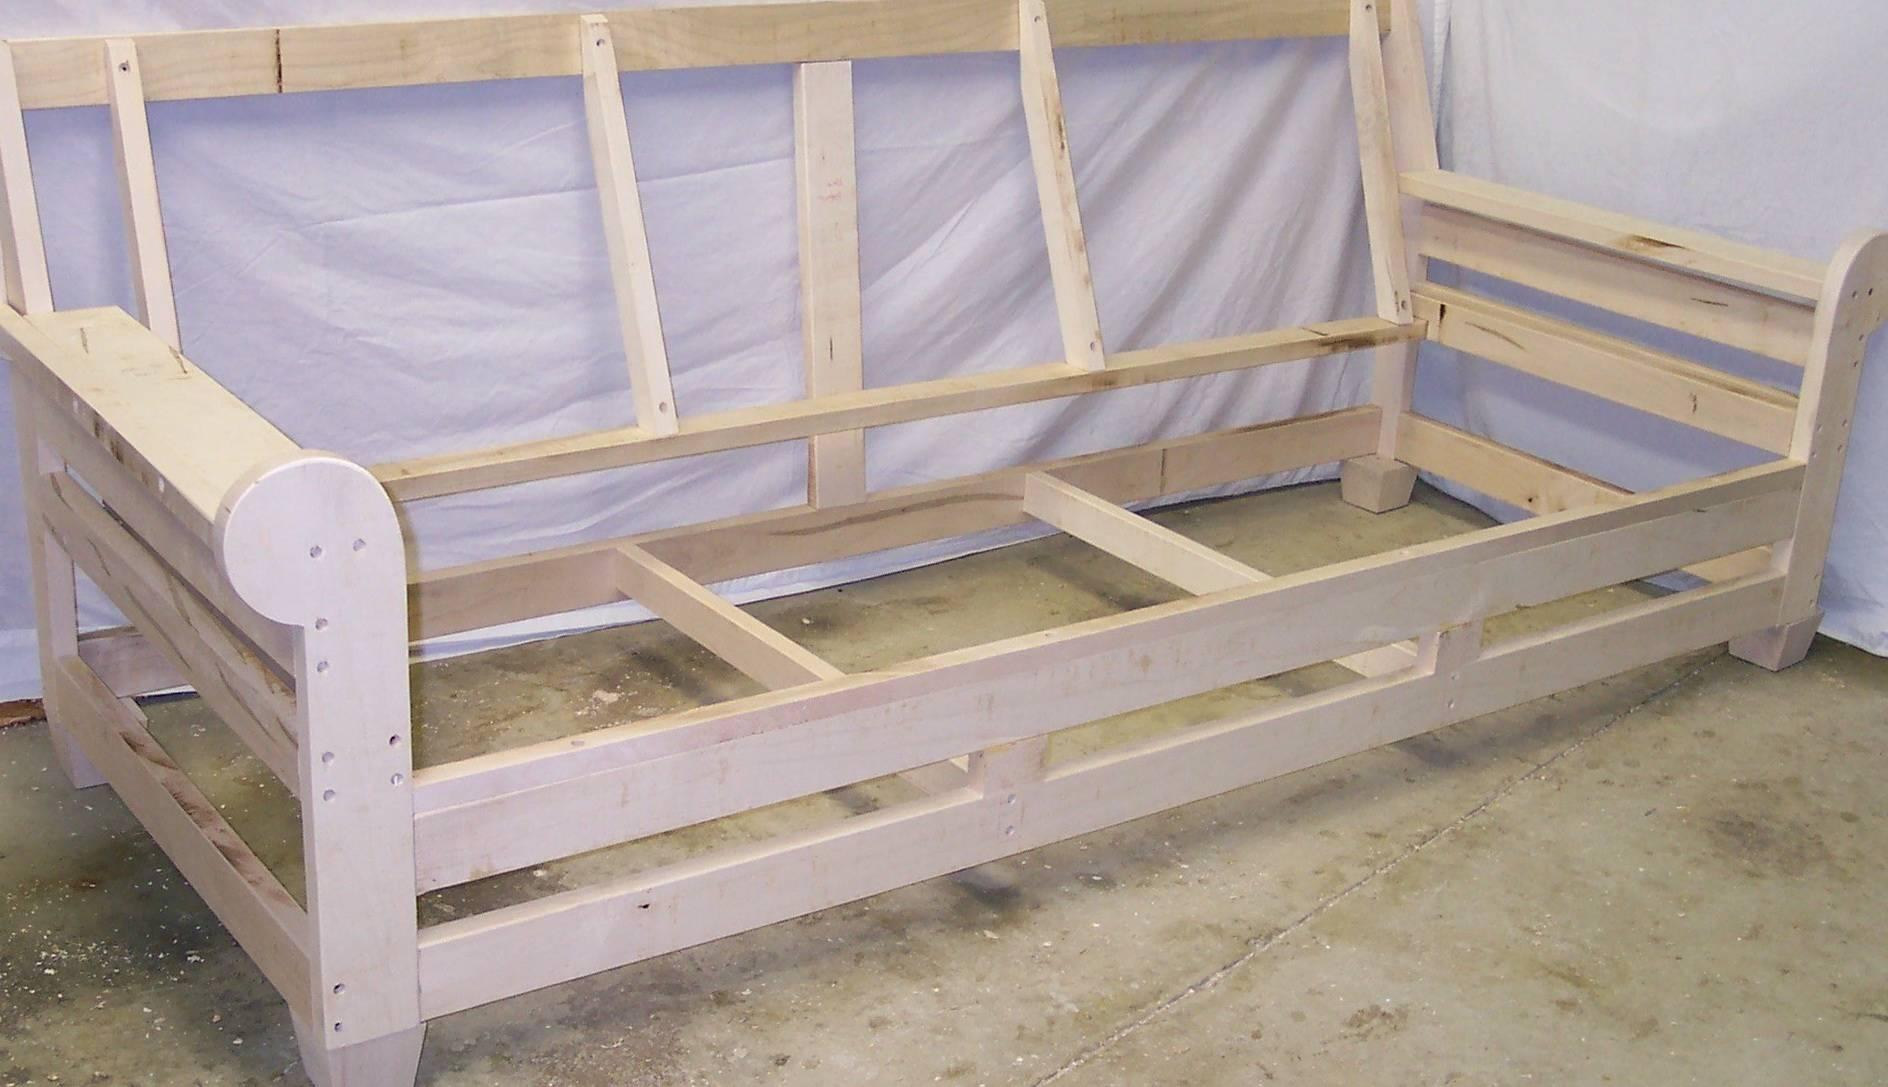 Sofas Center : How Touild Sofa Diy Simple Couch Make And For regarding Diy Sofa Frame (Image 26 of 30)